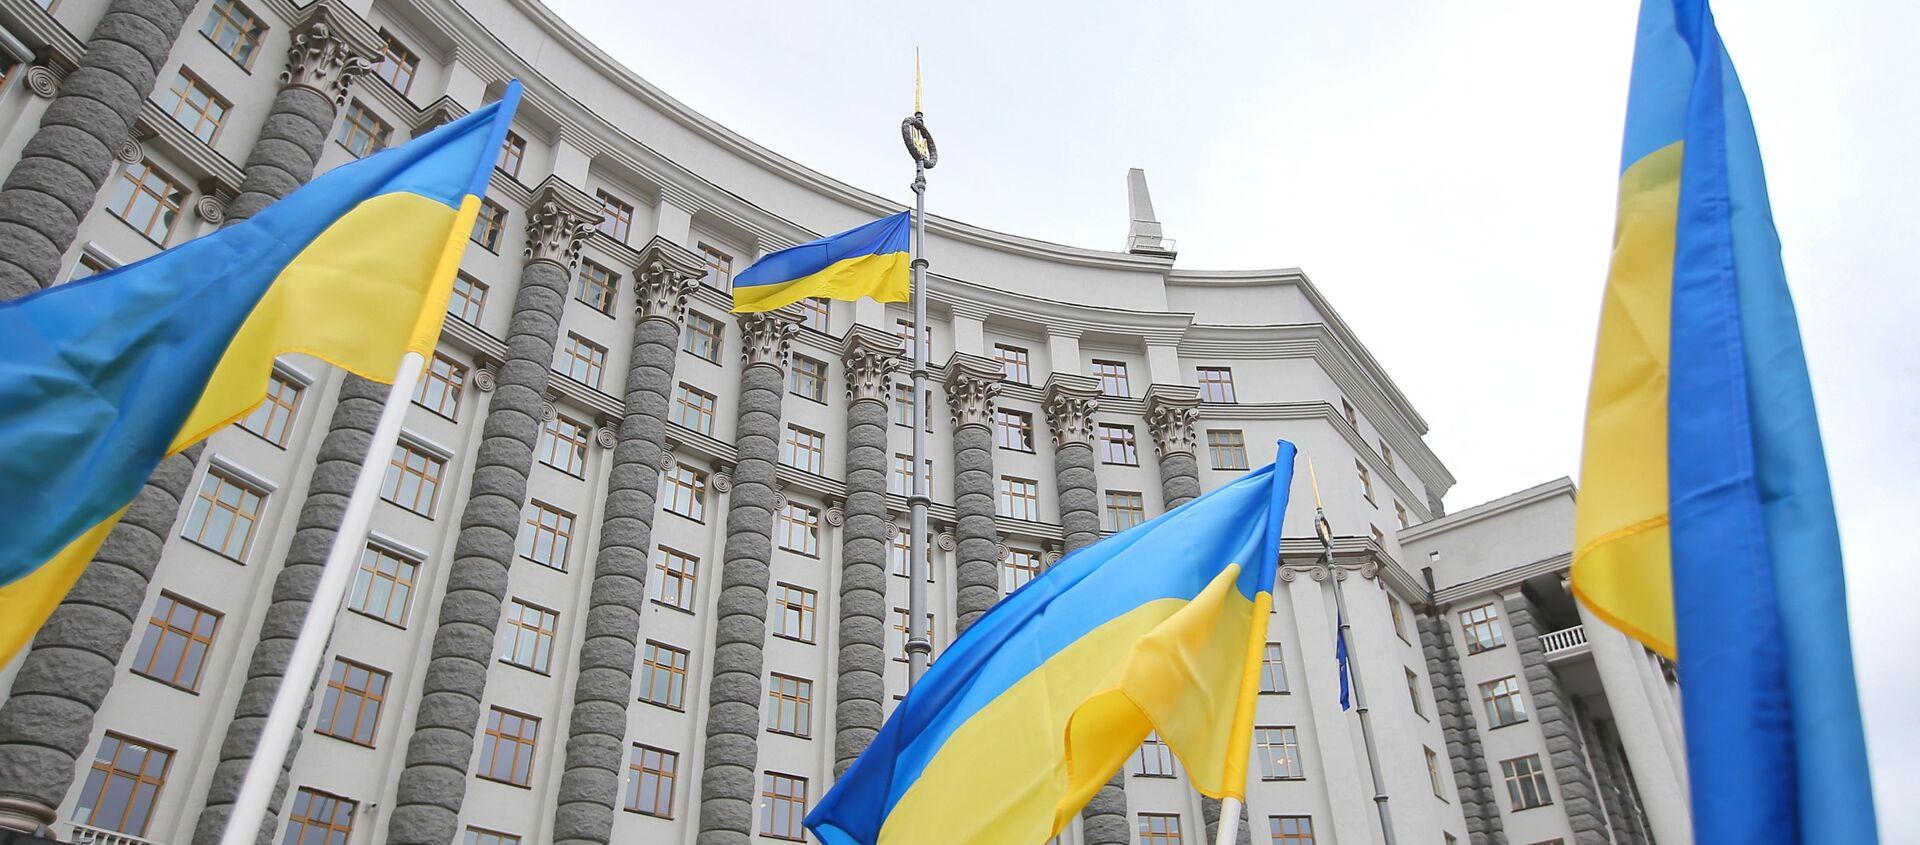 Здание правительства Украины в Киеве. - Sputnik Абхазия, 1920, 20.08.2021